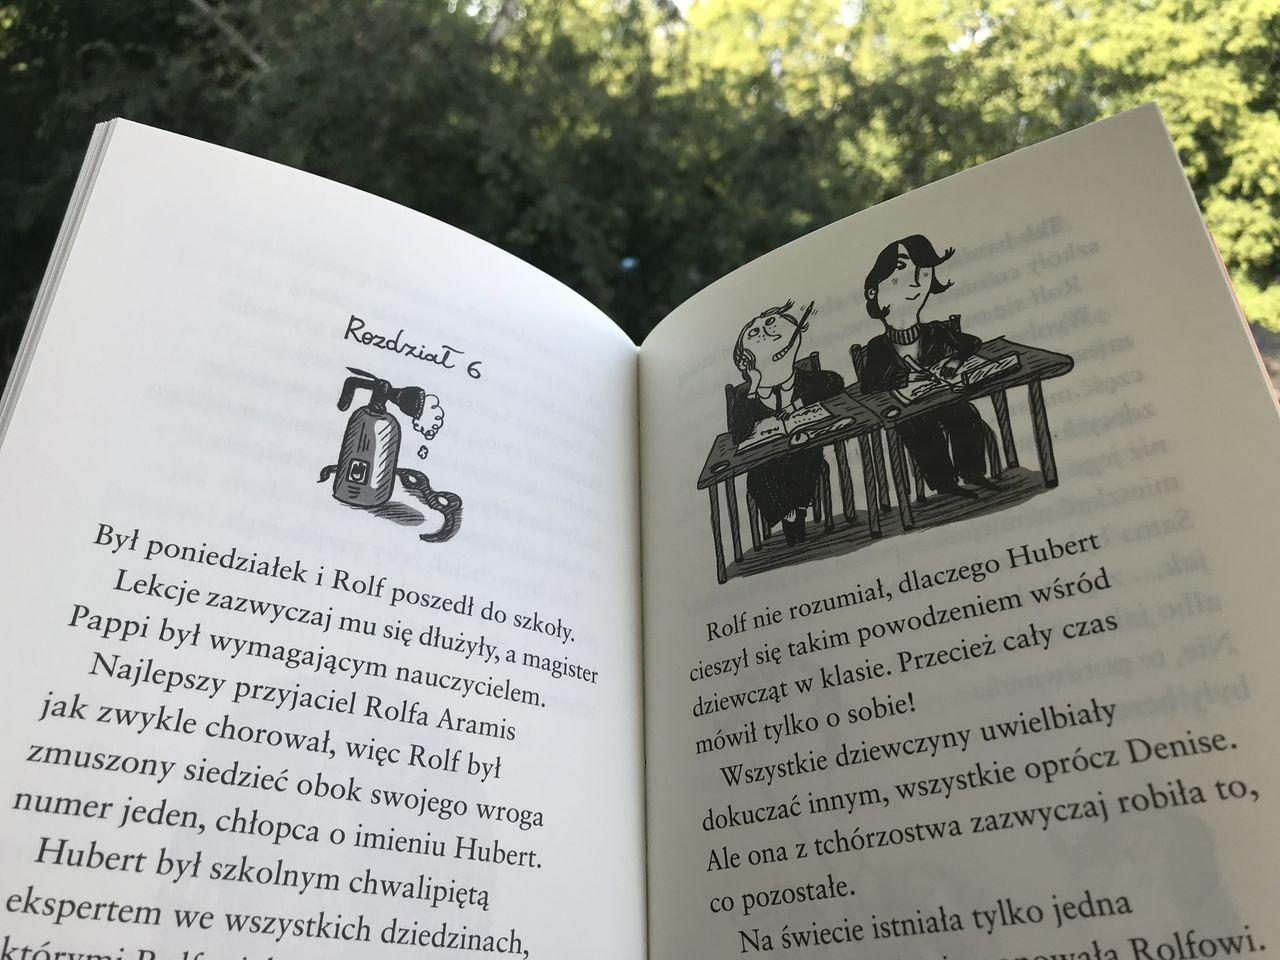 Książka i zabawy (nie) tylko dla odważnych